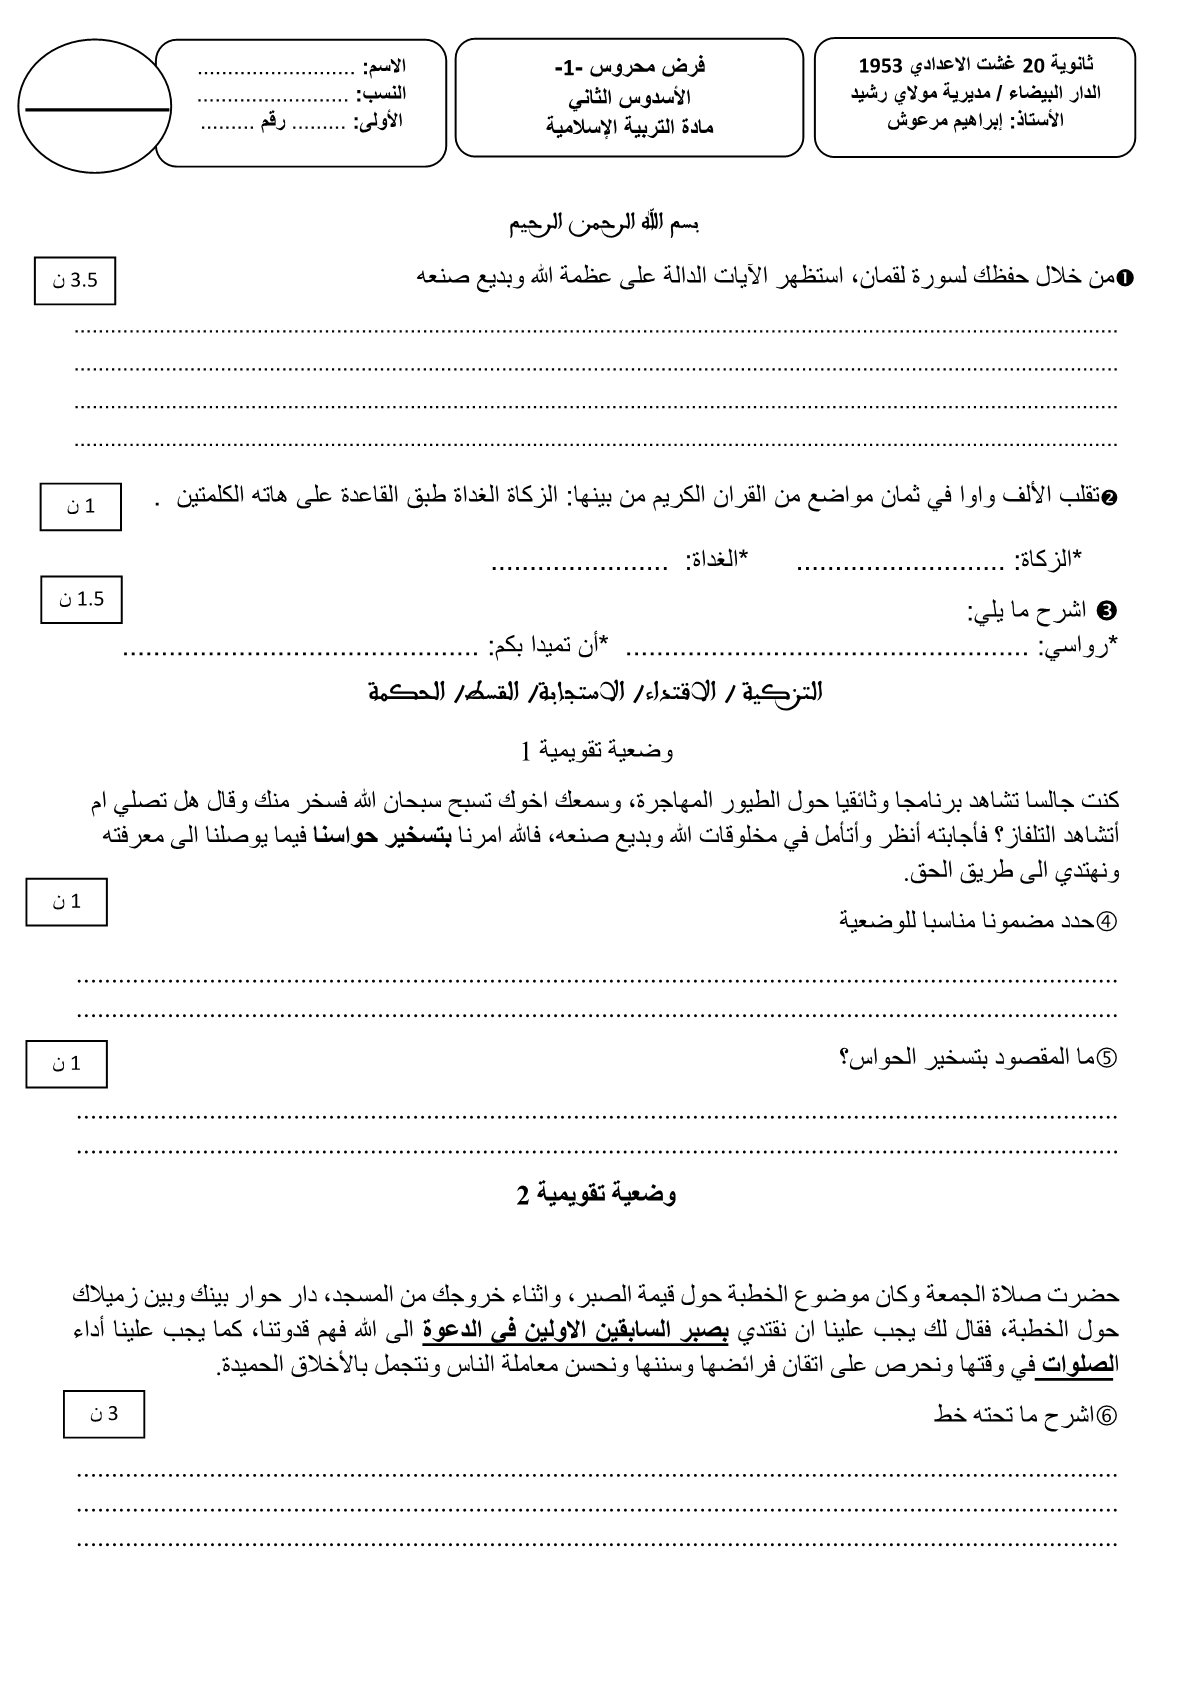 الفرض التاسع في مادة التربية الإسلامية الدورة الثانية للسنة الأولى إعدادي مع التصحيح